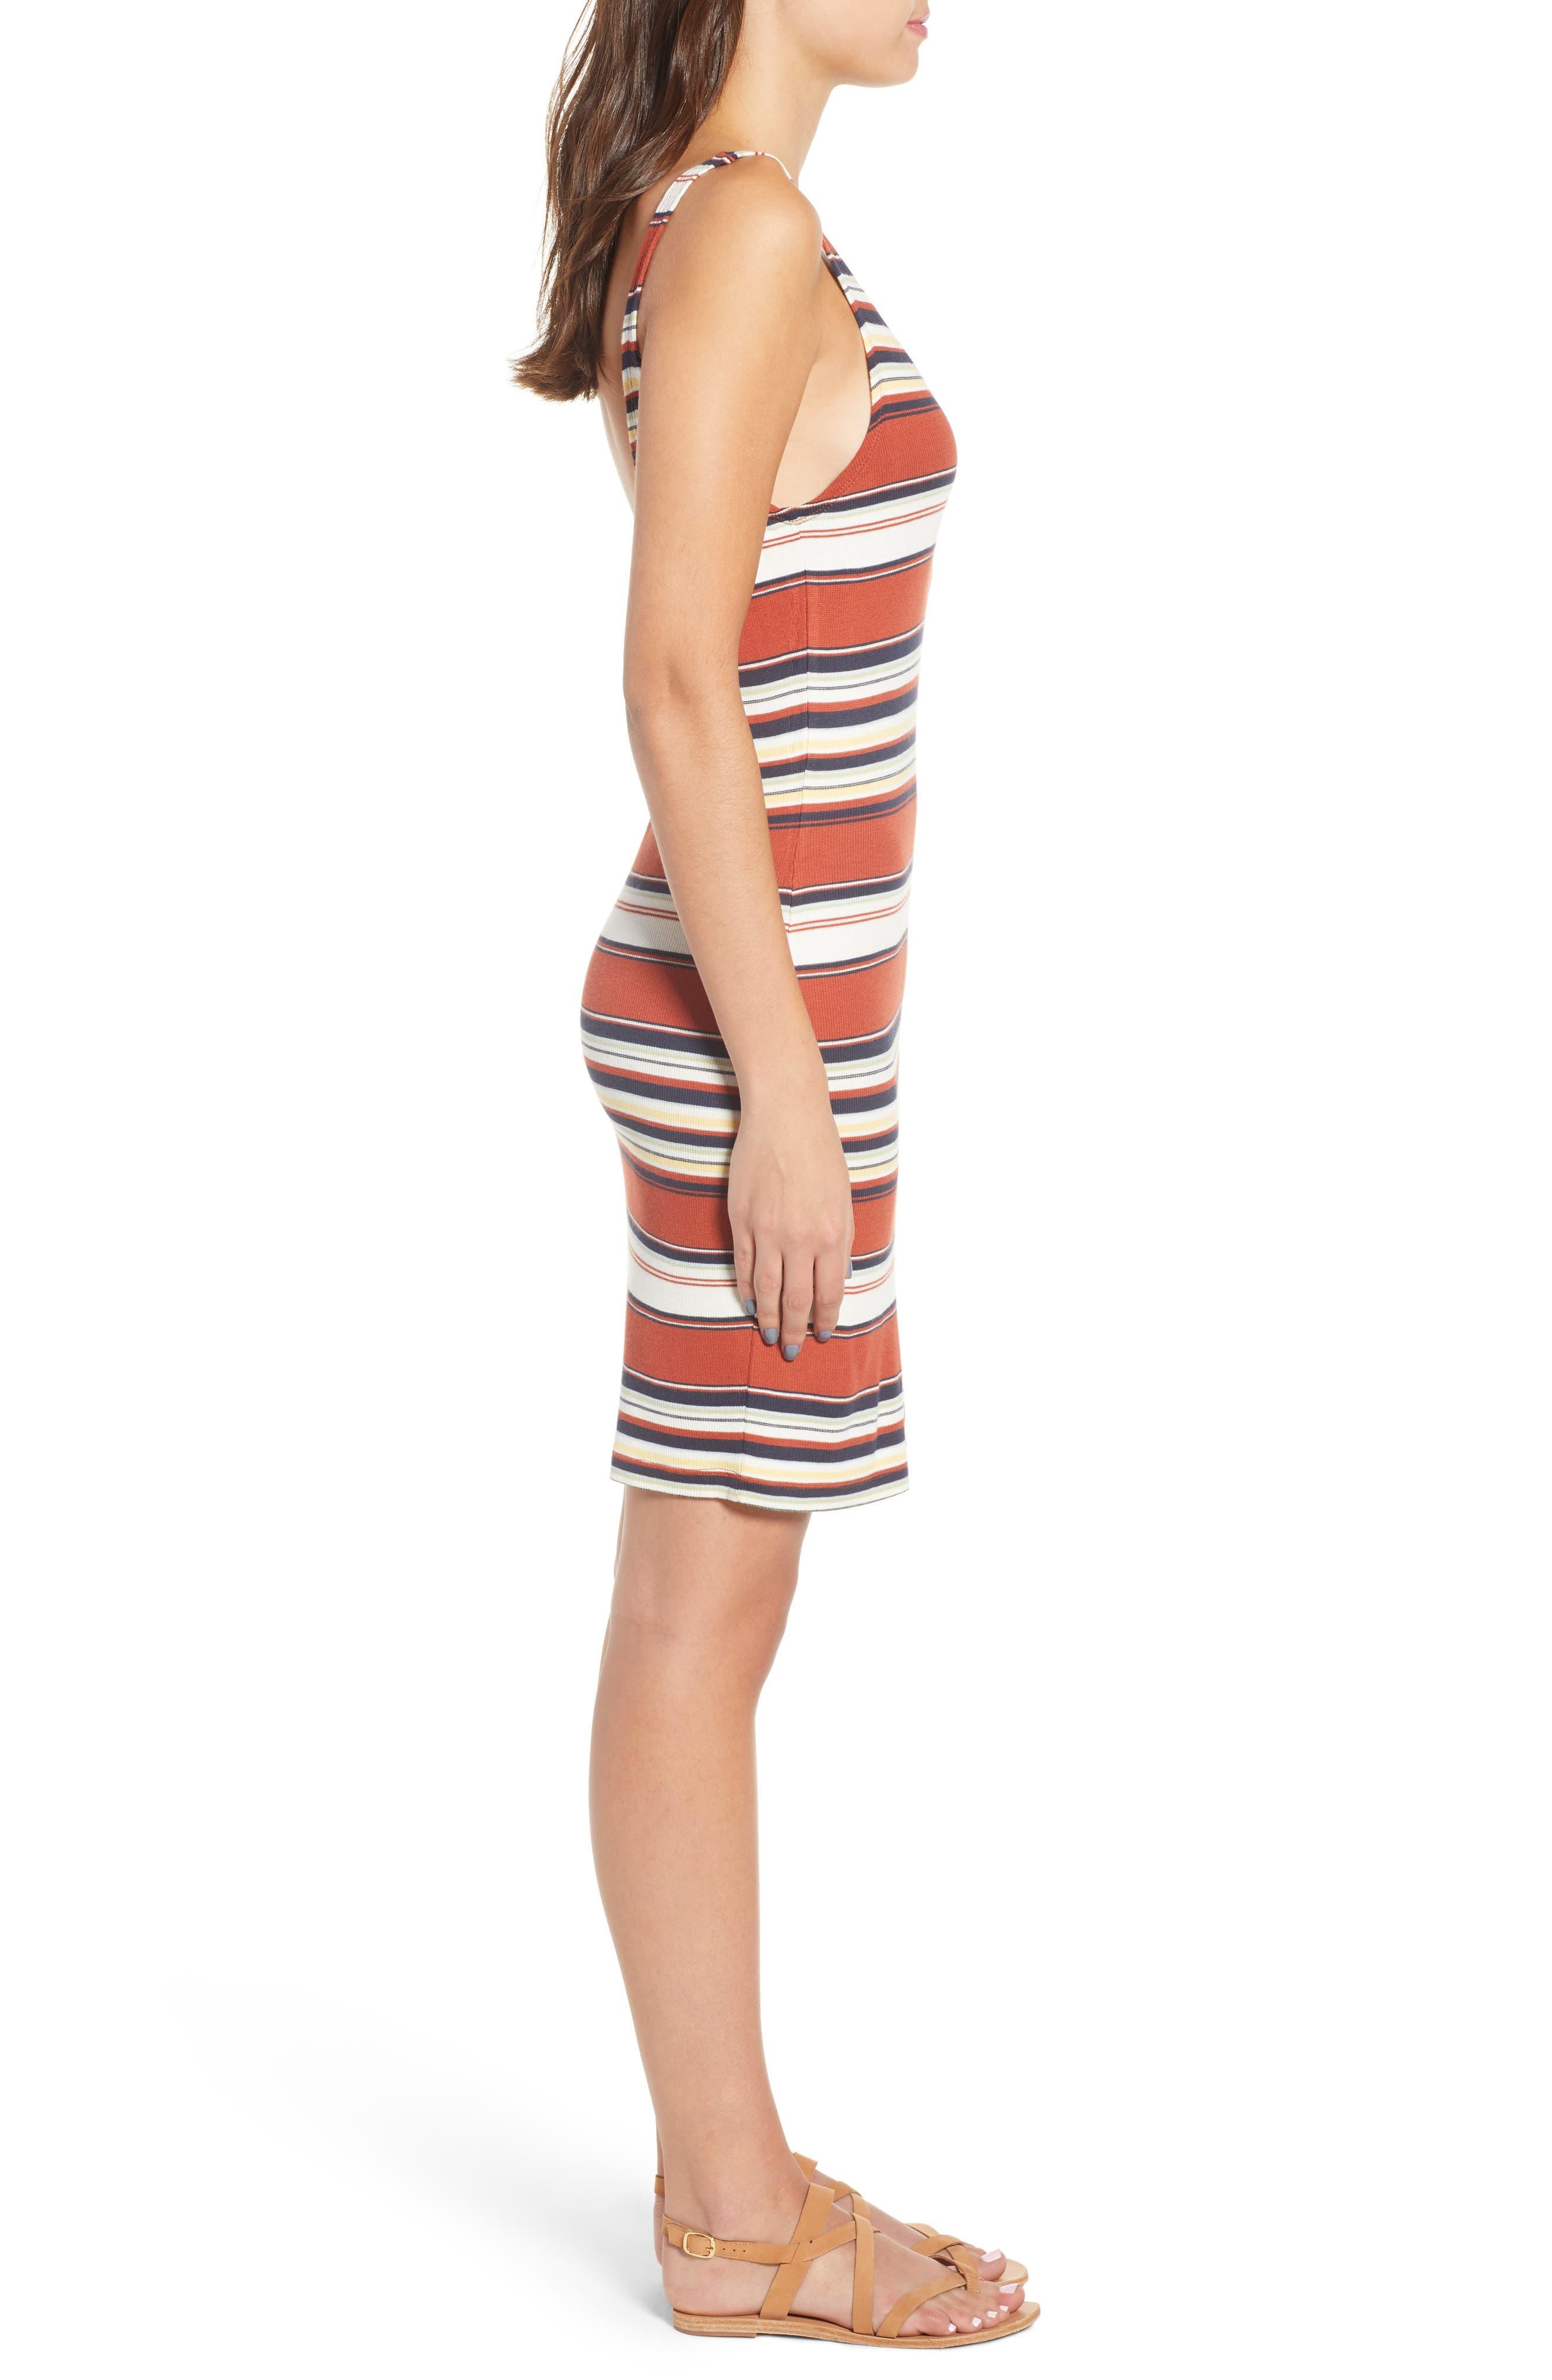 Homesick Stripe Ribbed Dress,                             Alternate thumbnail 3, color,                             Brick Multi